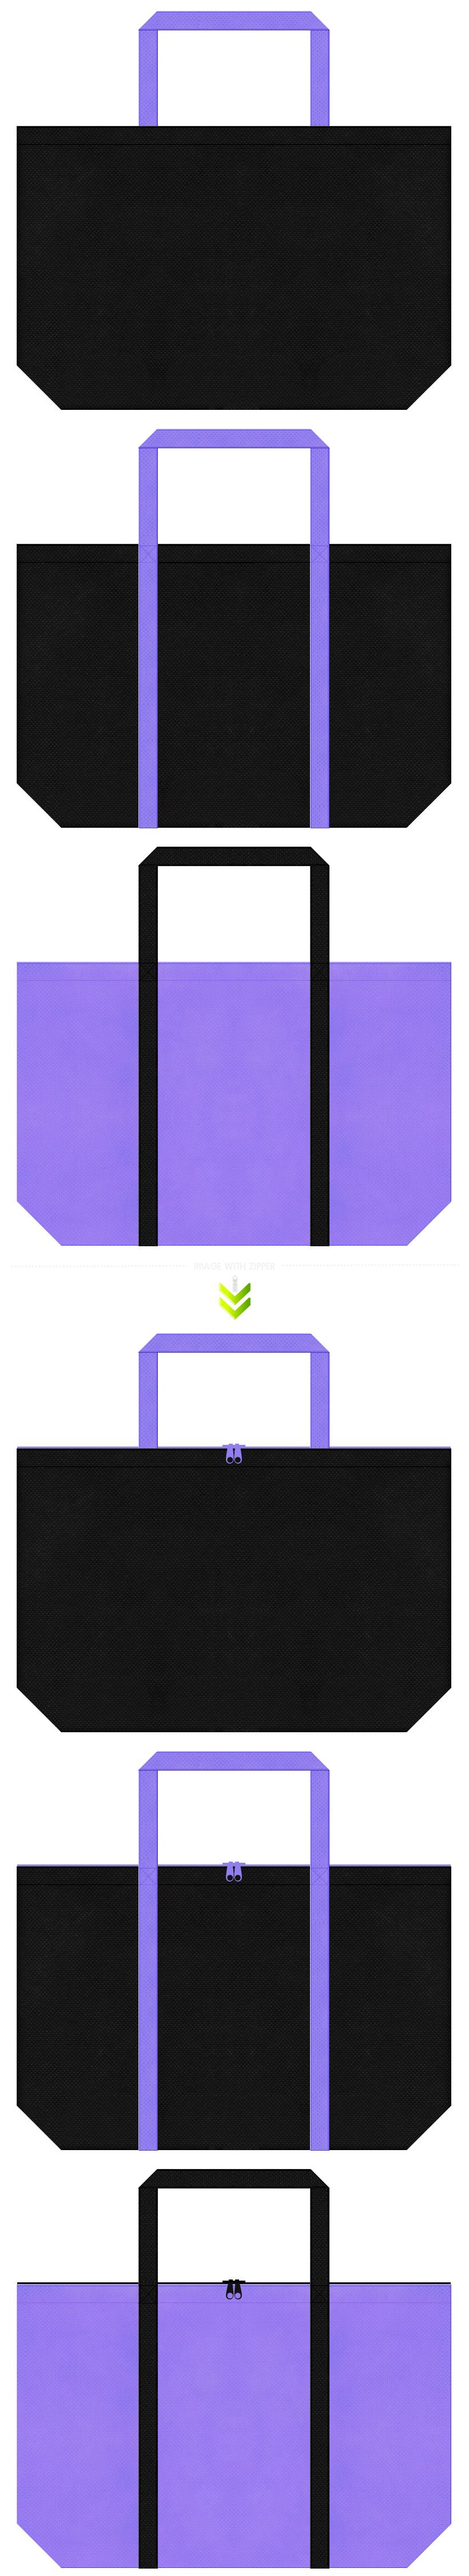 和傘・ヘアケア・ウィッグ・魔女・魔法使い・水晶・占い・伝説・神話・RPG・ハロウィン・コスプレイベント・カー用品の展示会用バッグ・ユニフォーム・運動靴・アウトドア・スポーツバッグ・ランドリーバッグにお奨めの不織布バッグデザイン:黒色と薄紫色のコーデ